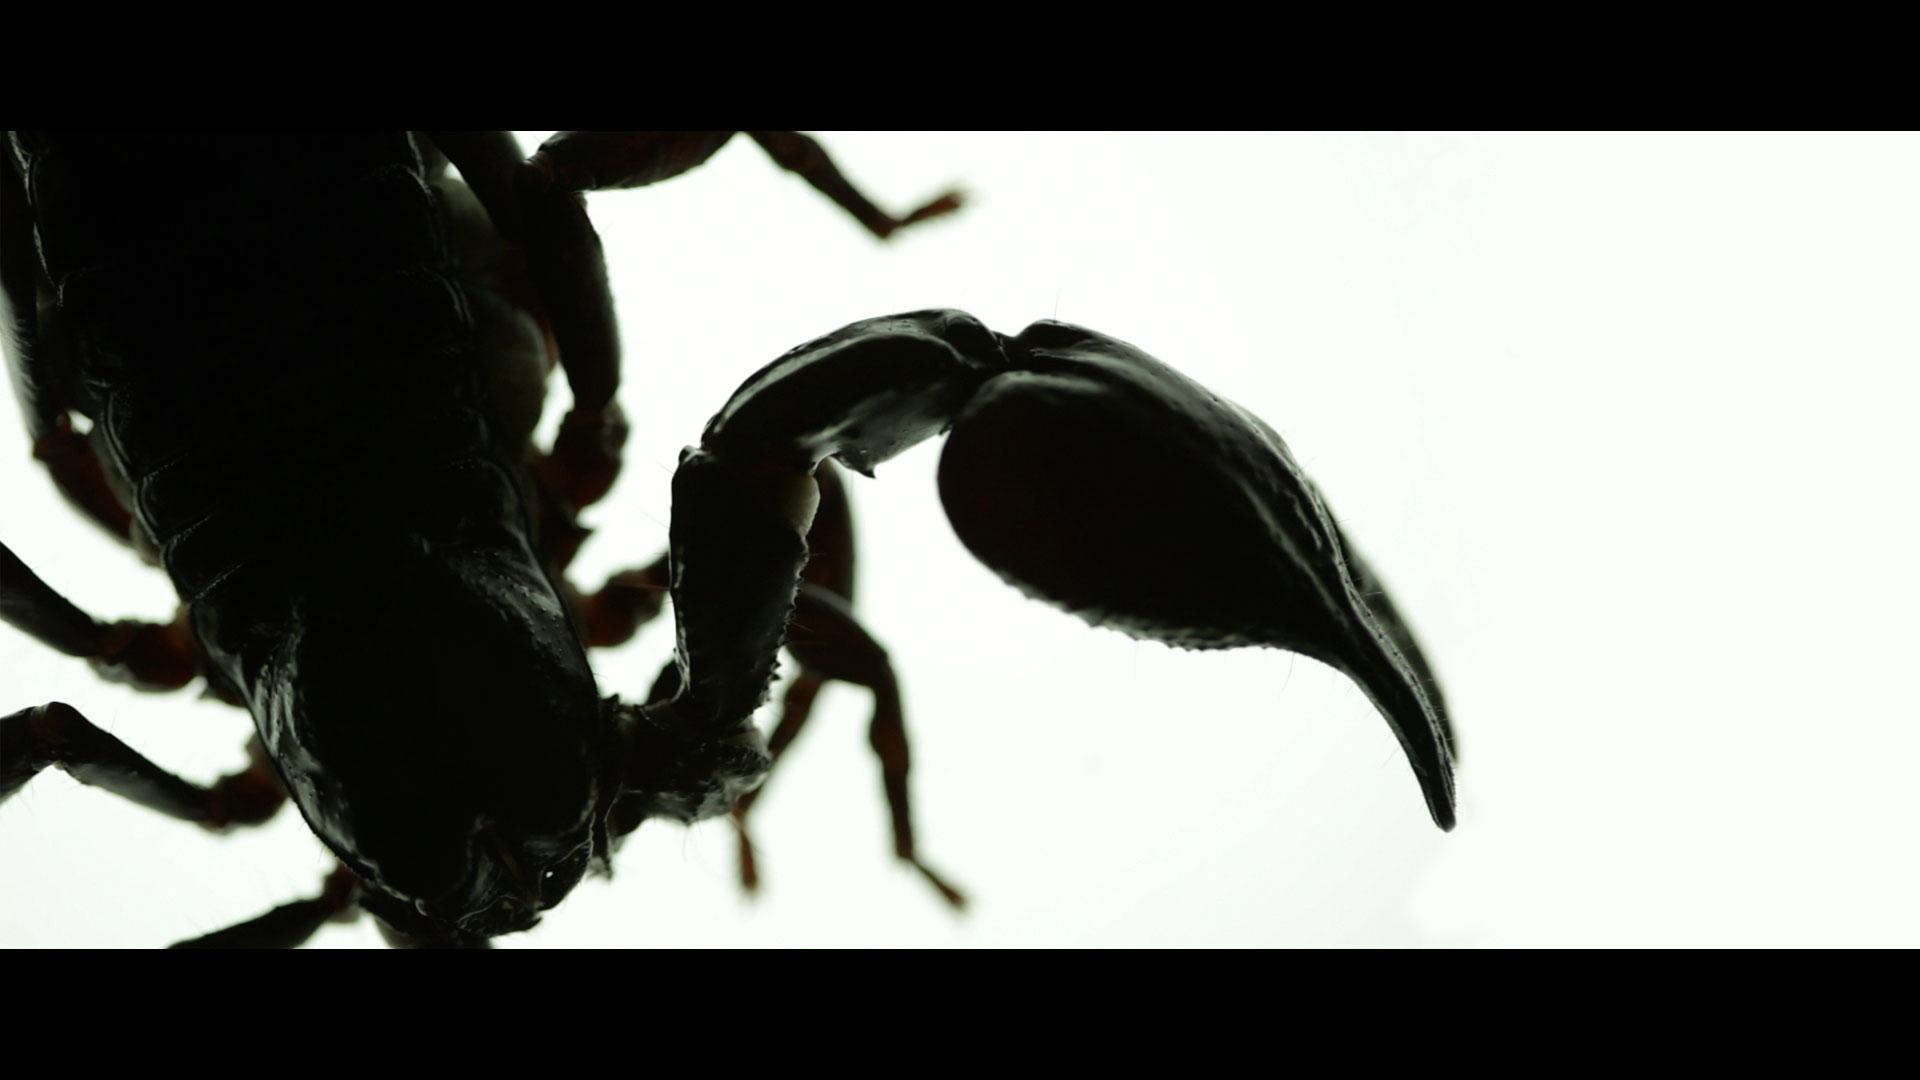 Scorpion_05.jpg